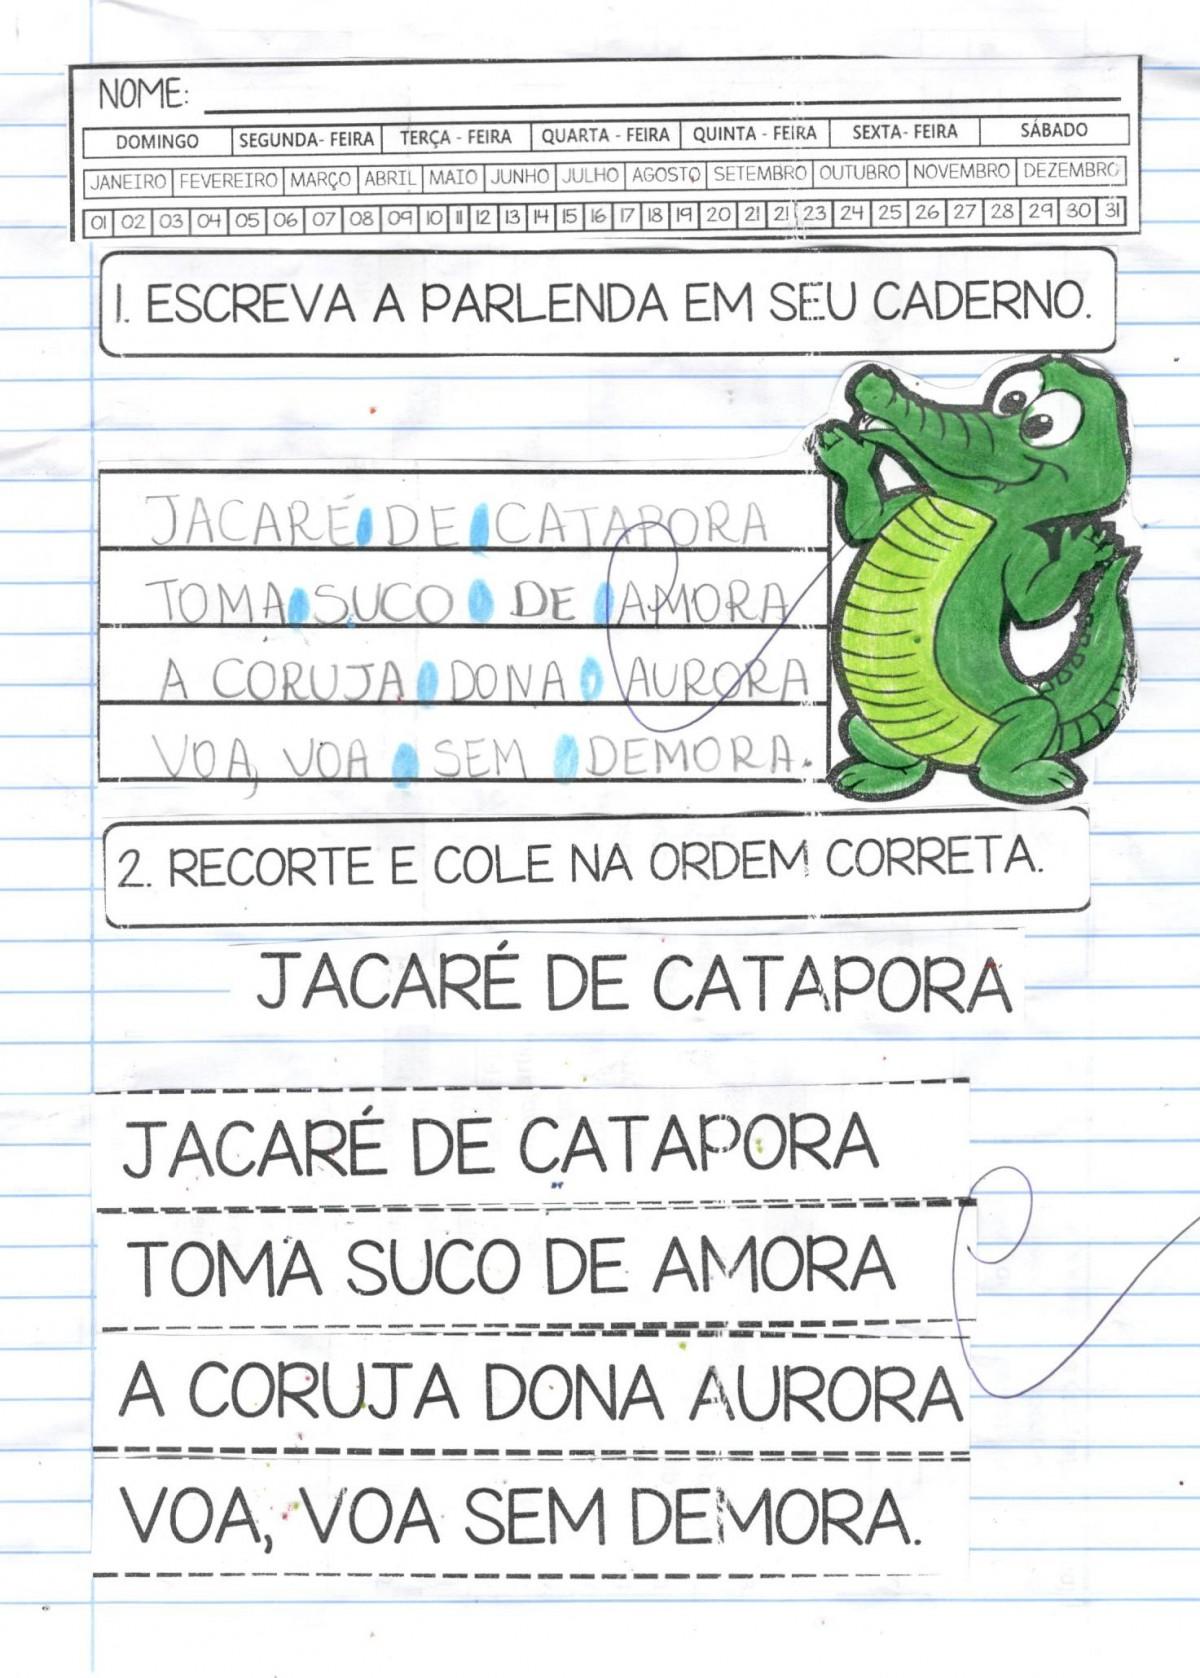 Foto4 - Caderno Jacaré de catapora com habilidades da BNCC - Letra J